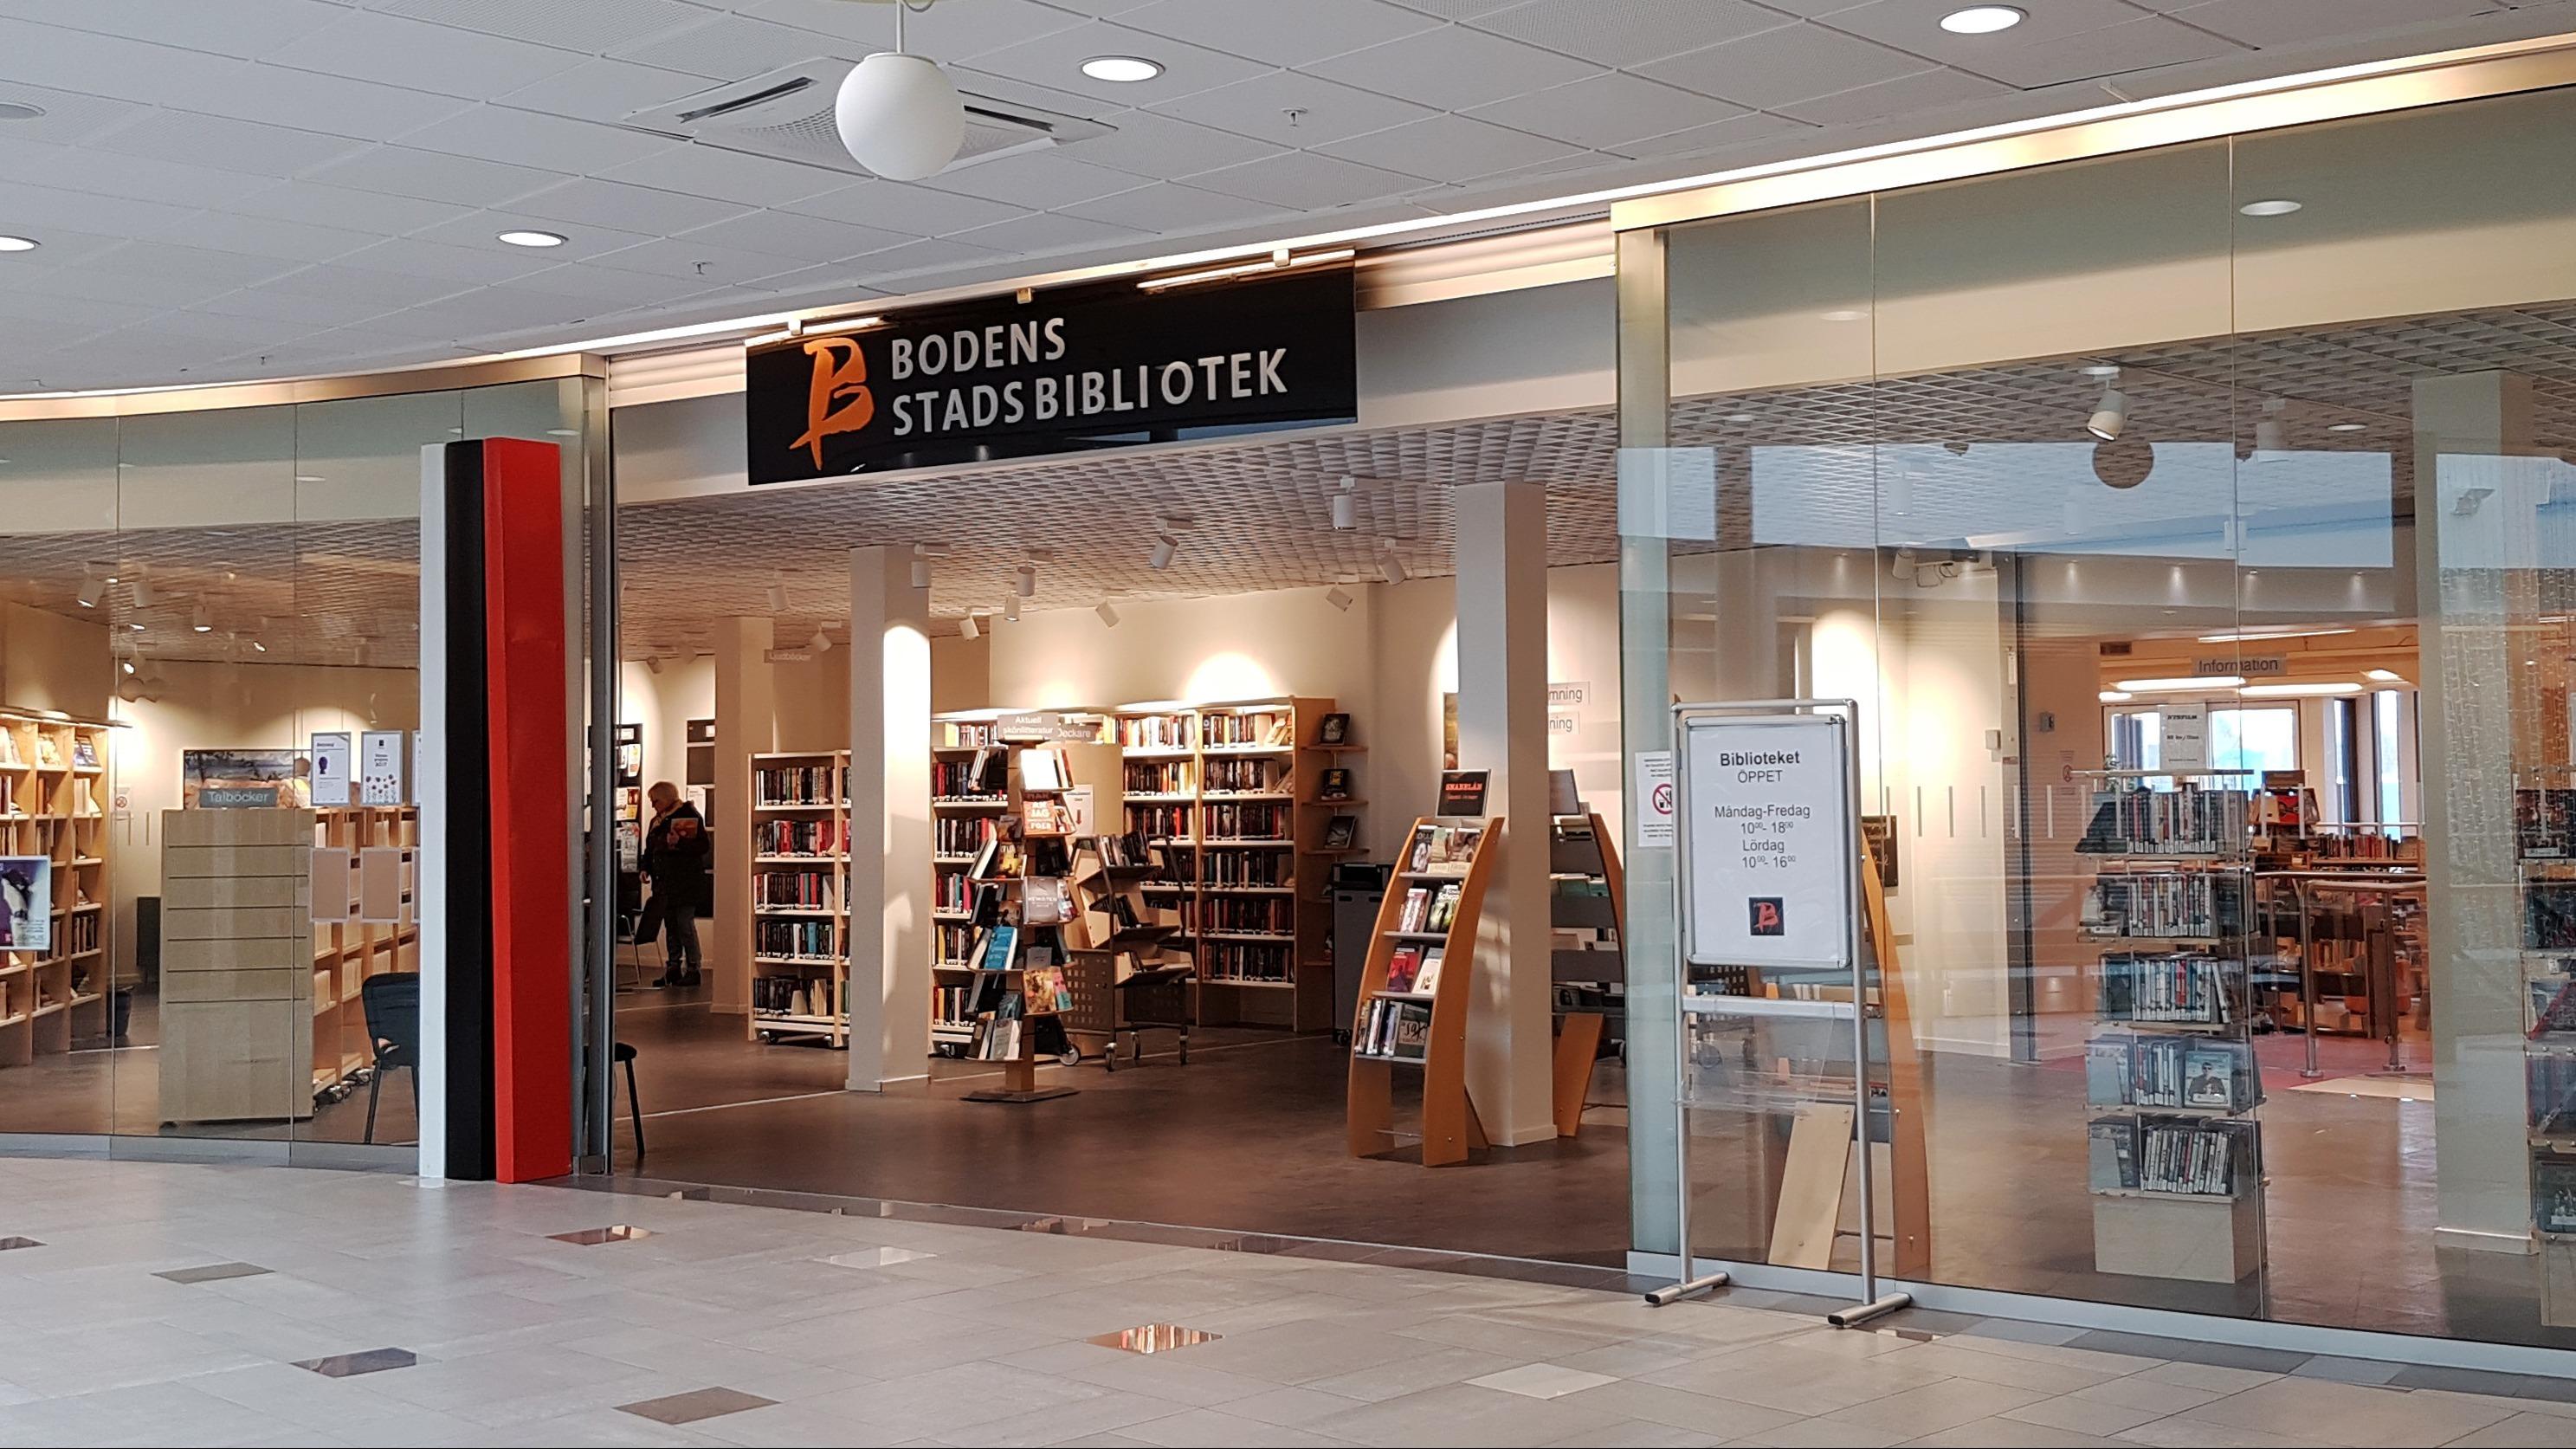 Entrén på Bodens stadsbibliotek